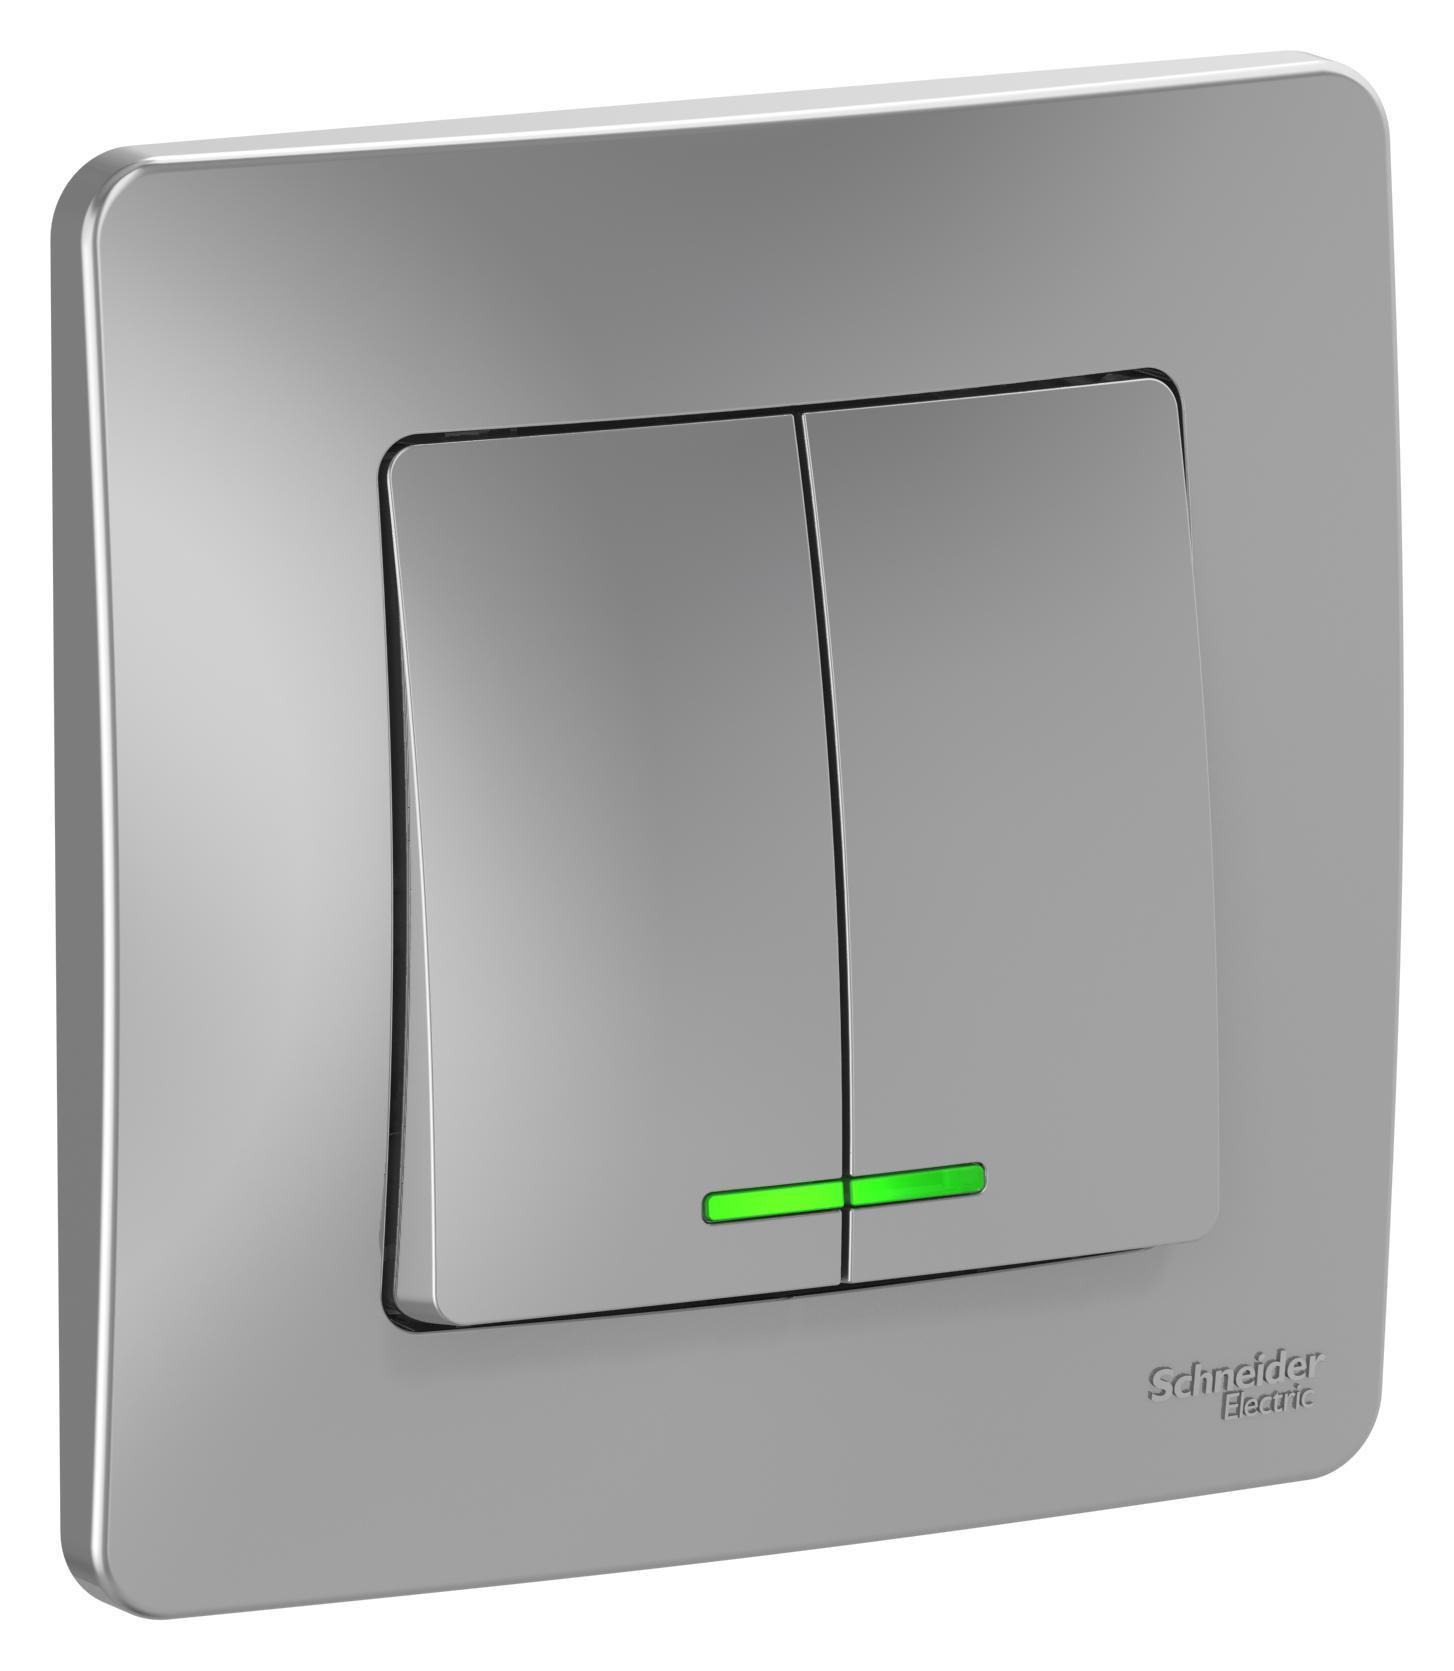 Выключатель Schneider electric Blnvs010513 blanca выключатель schneider electric blnva105014 blanca